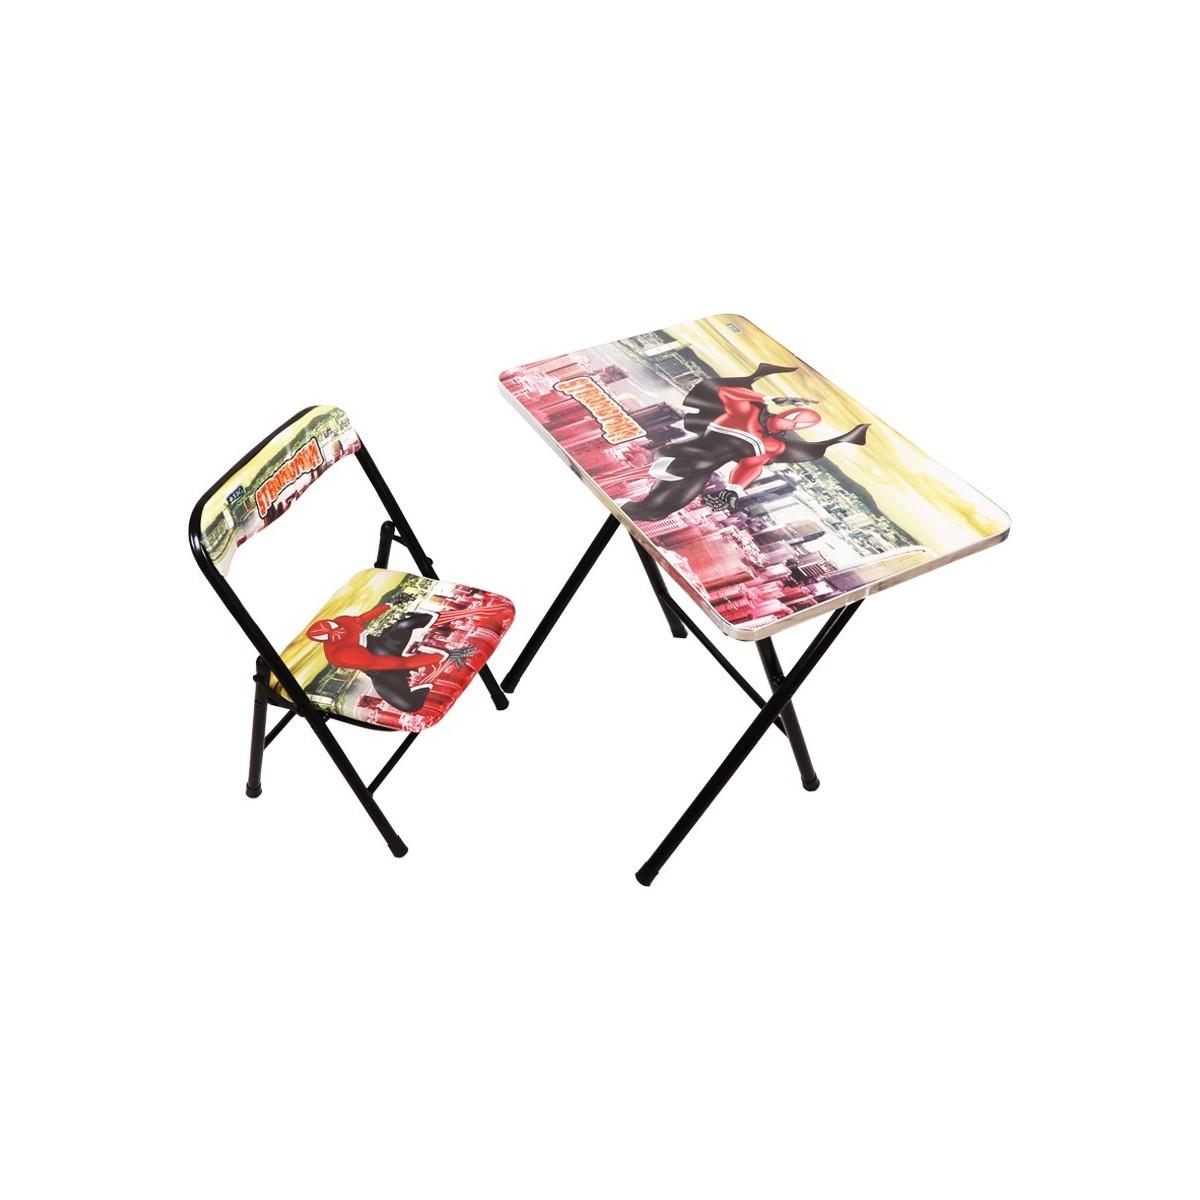 طقم طاوله مع كرسي للاطفال رقم 043-4037